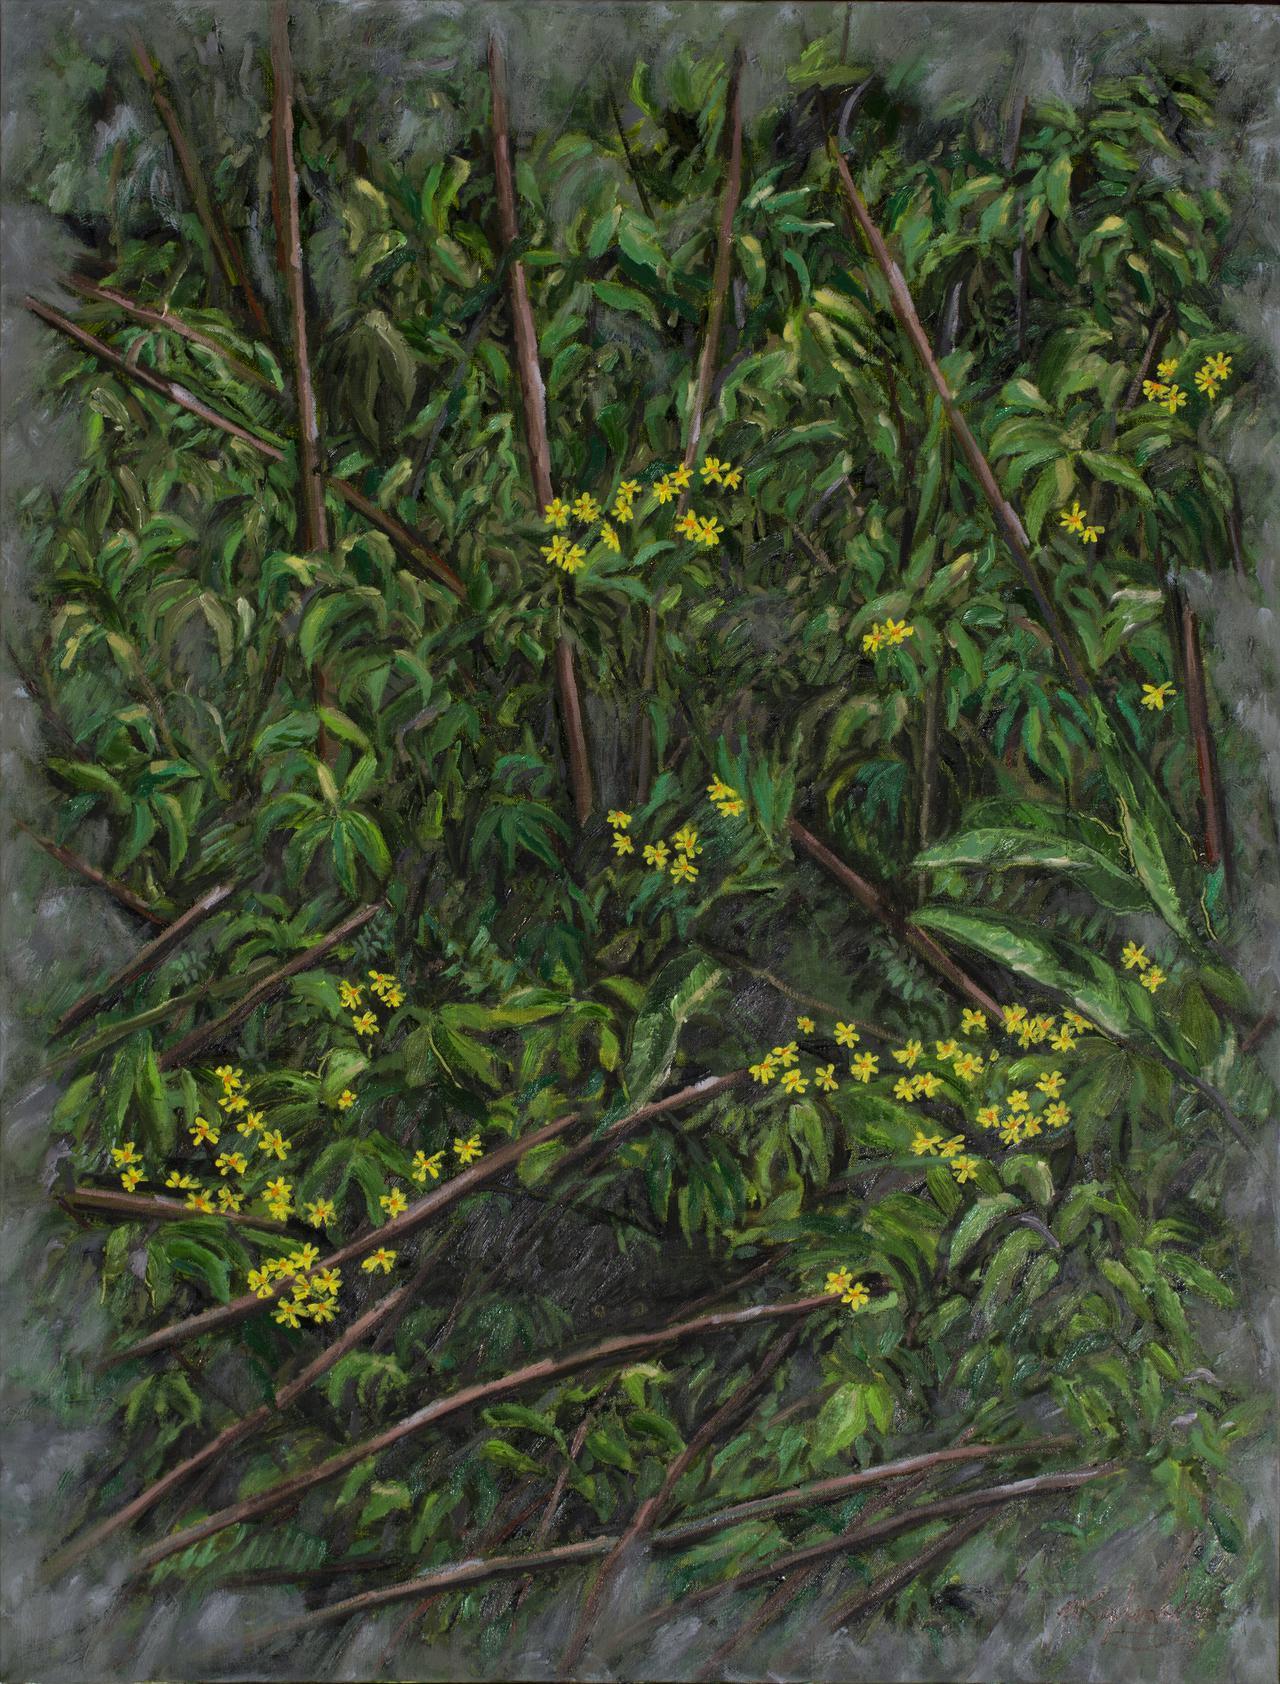 Ditch Weeds - 36x48 oil on canvas by Matt Kaplinsky